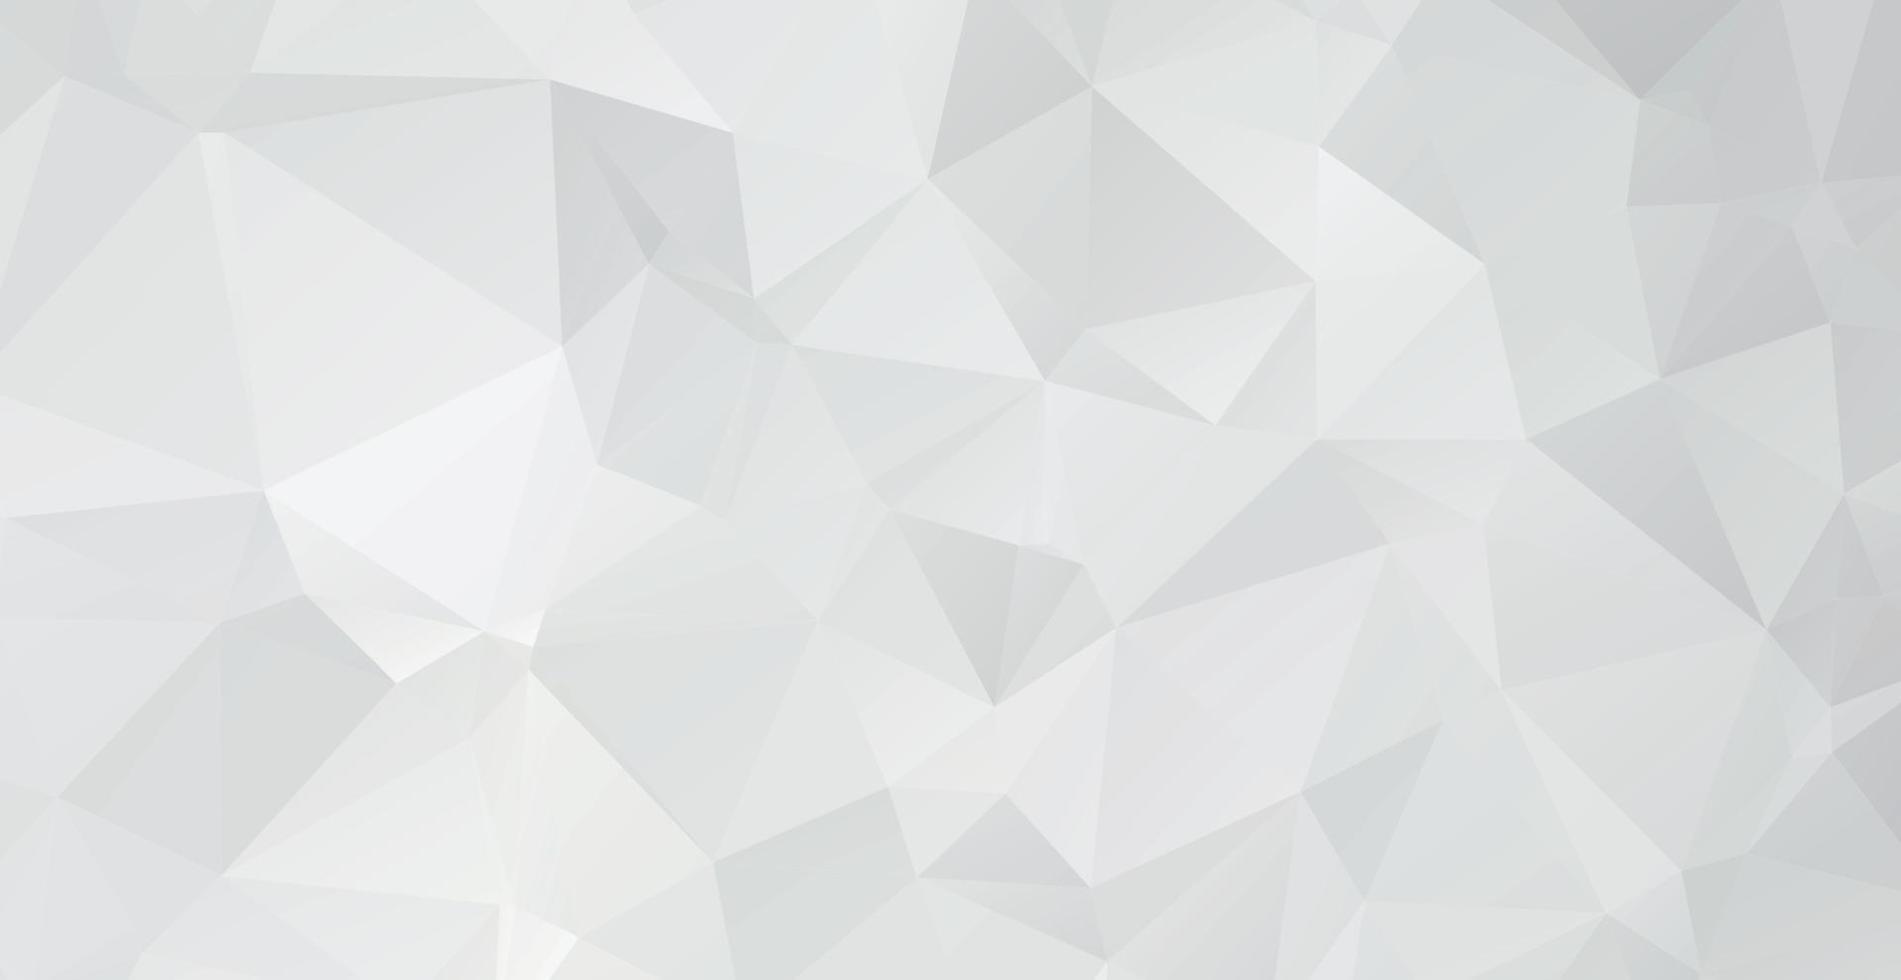 abstrakt vitgrå bakgrund, många trianglar i olika storlek - vektor